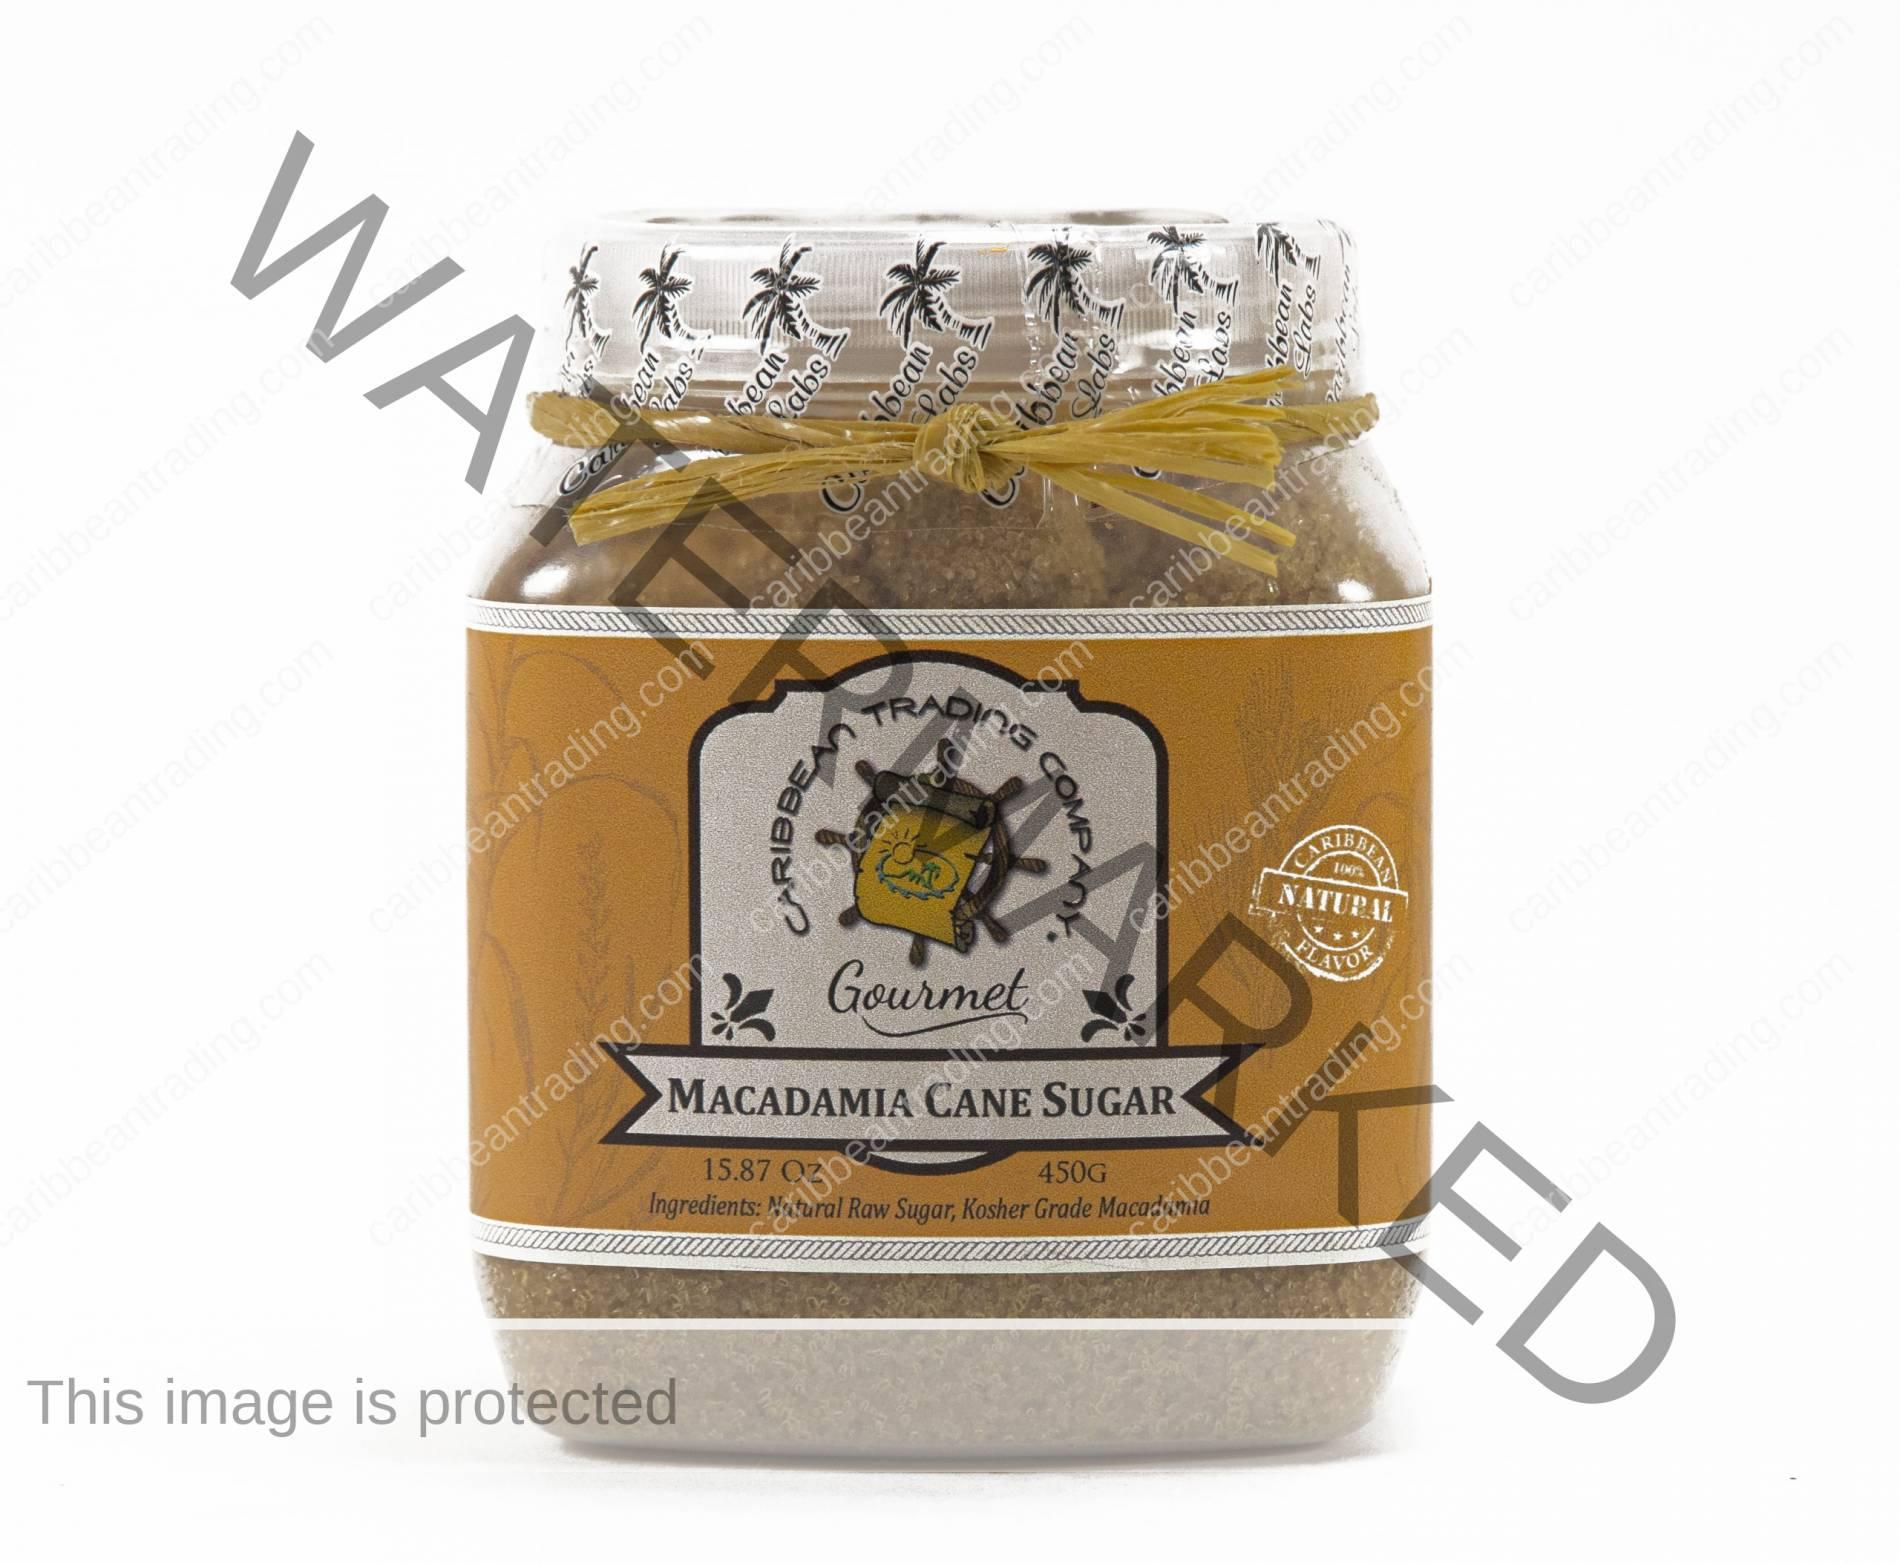 Macadamia Cane Sugar - 15.87 oz.